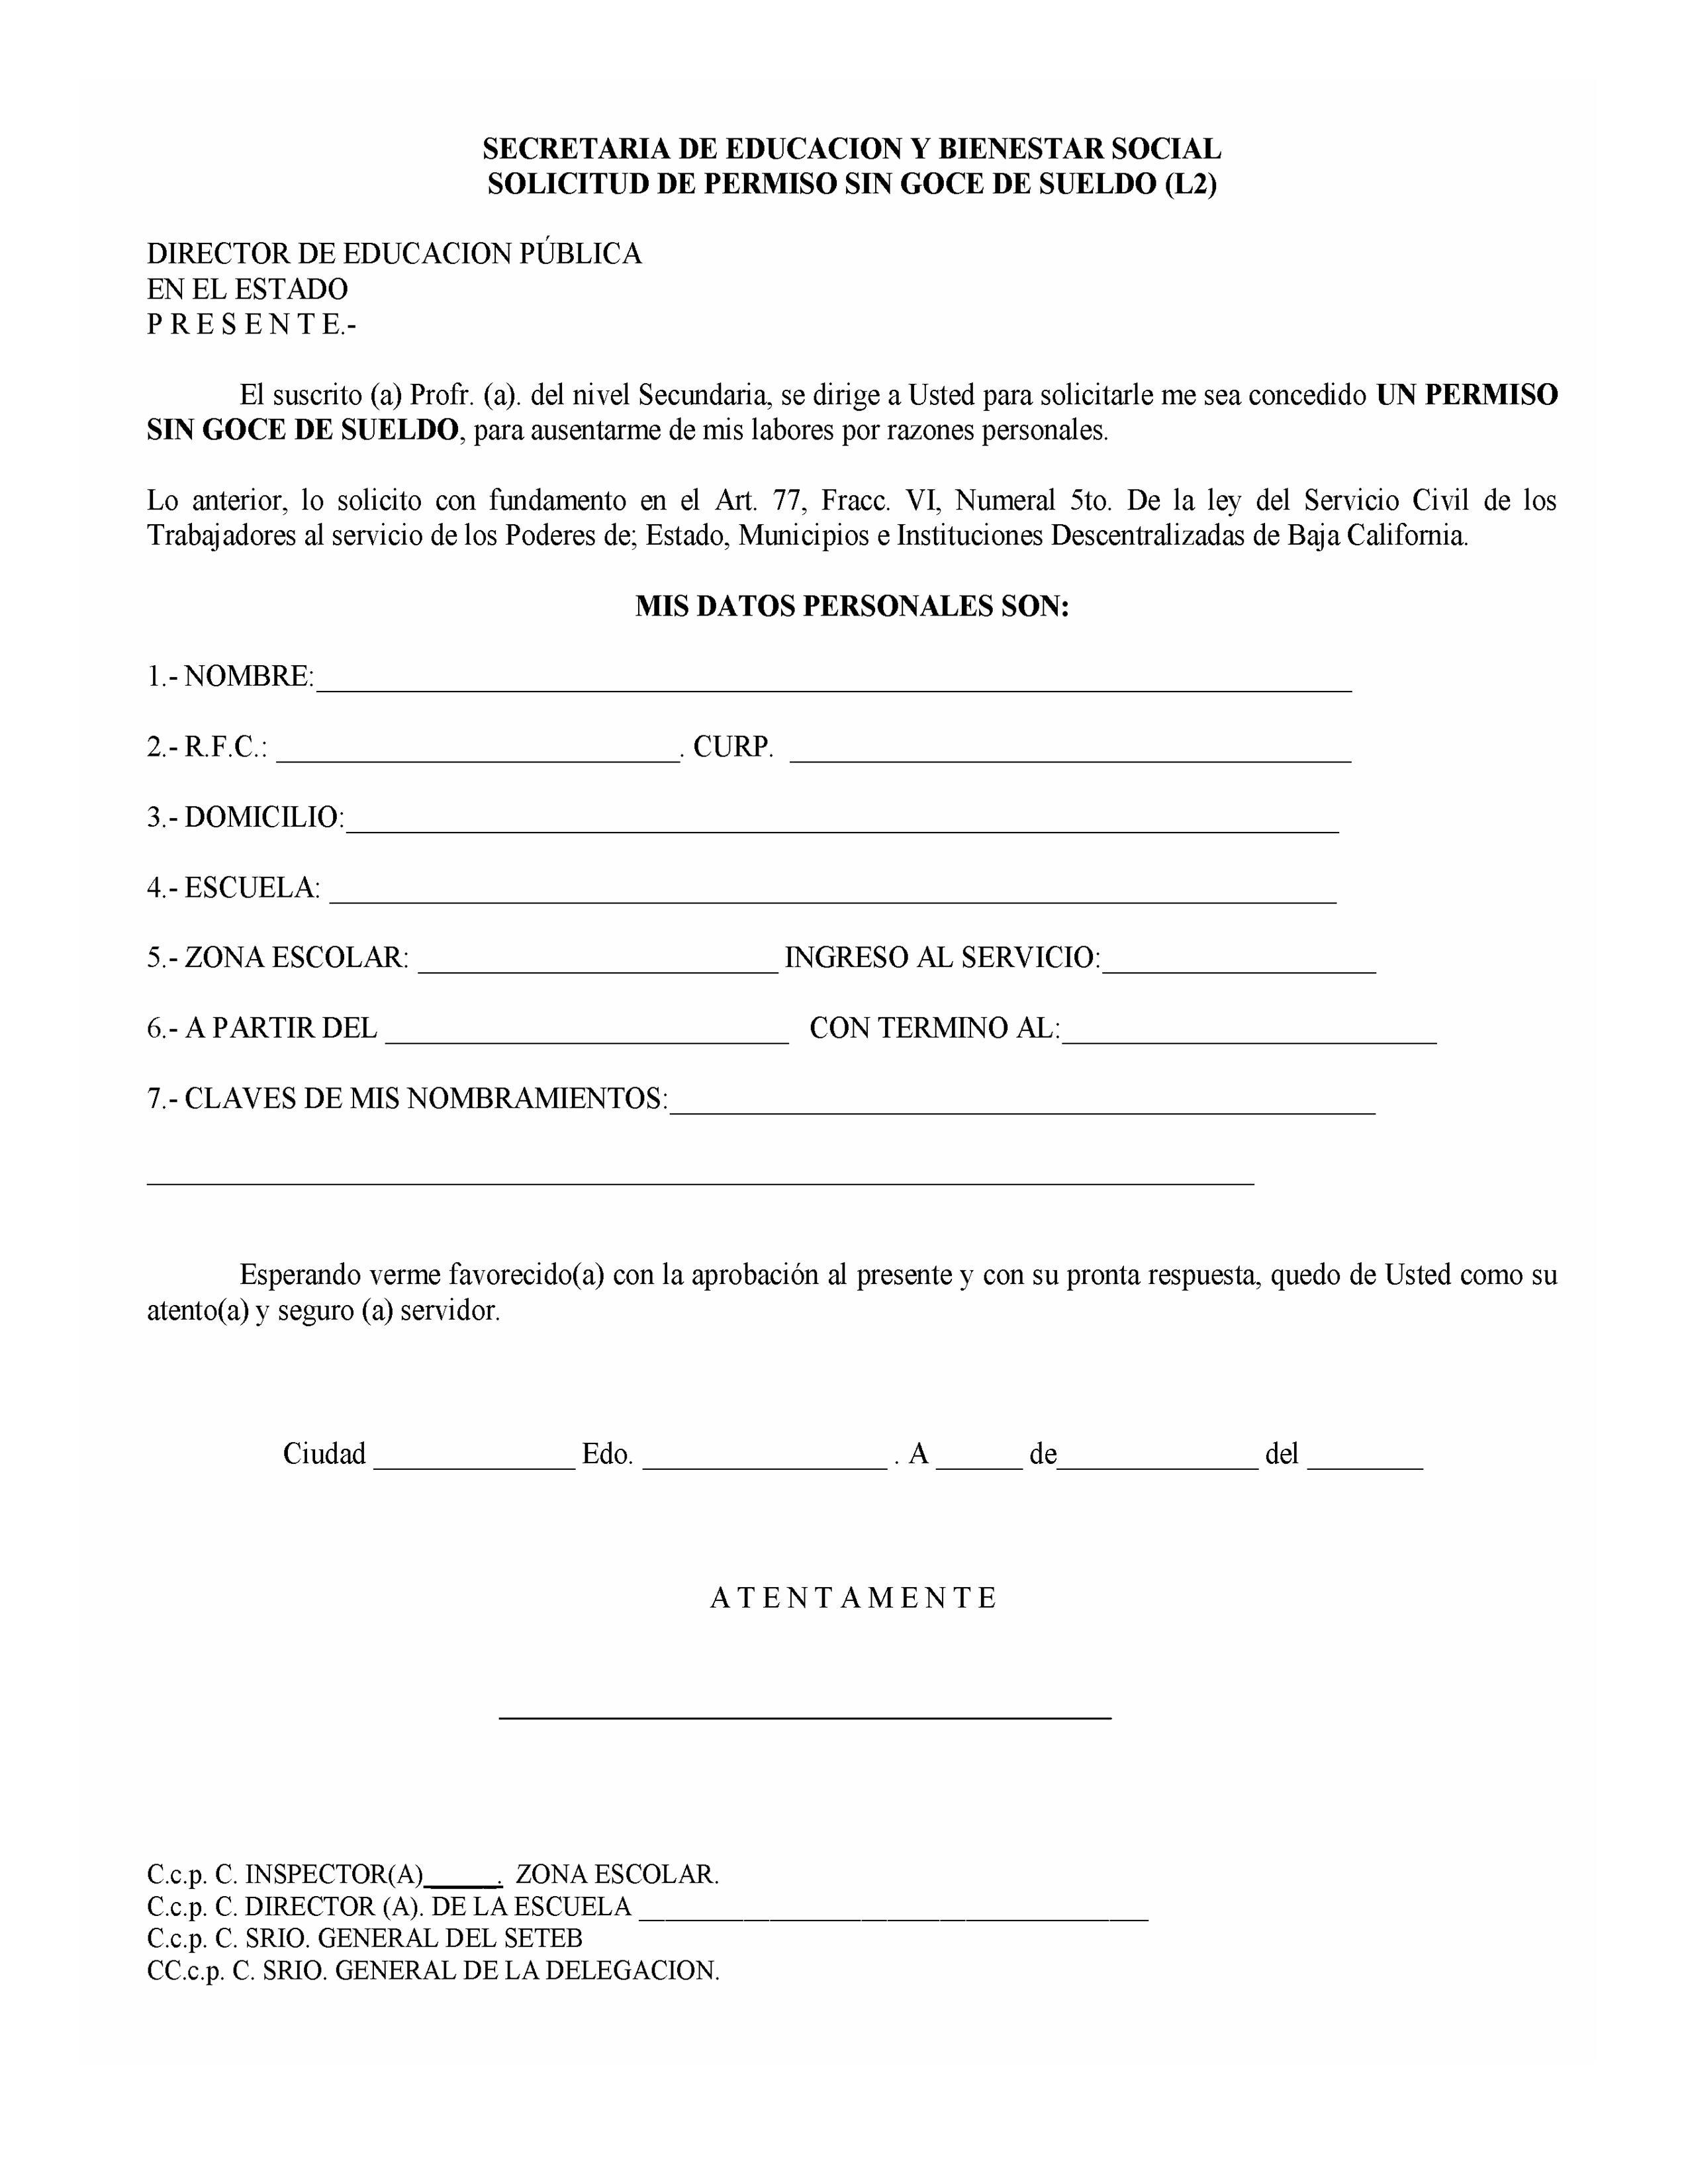 formato solicitud de permiso: